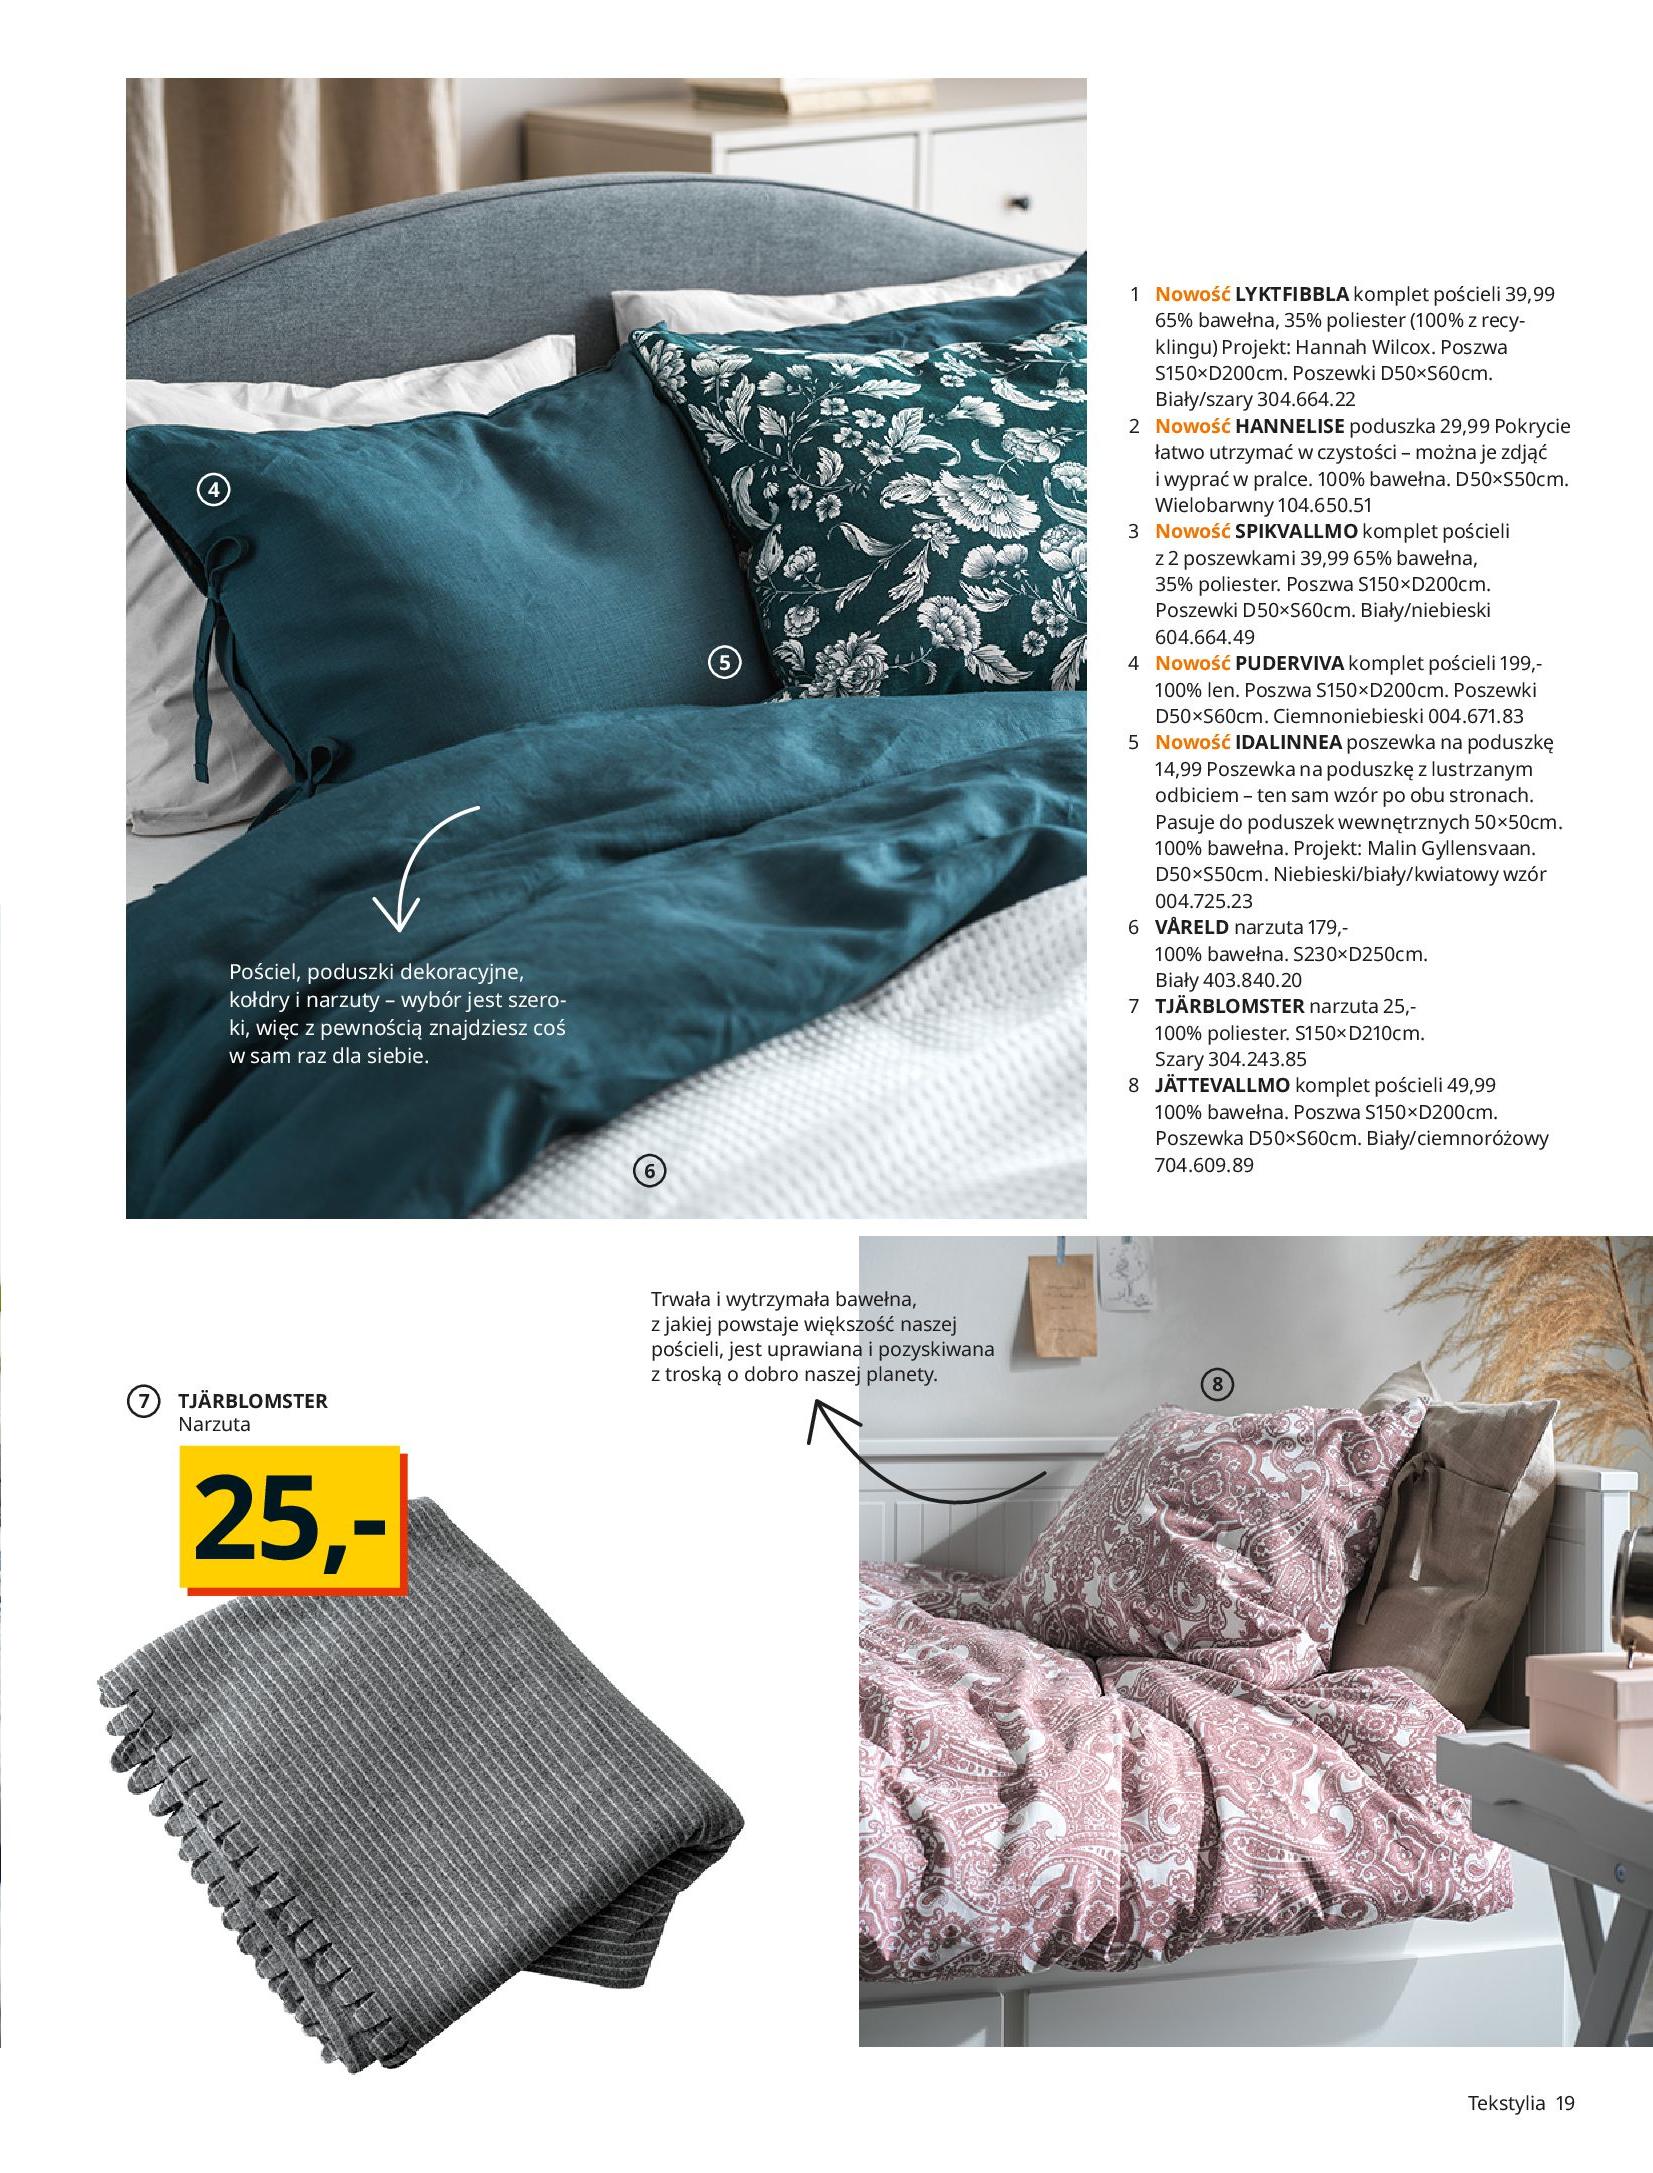 Gazetka IKEA: SYPIALNIA 2021 2021-01-13 page-19